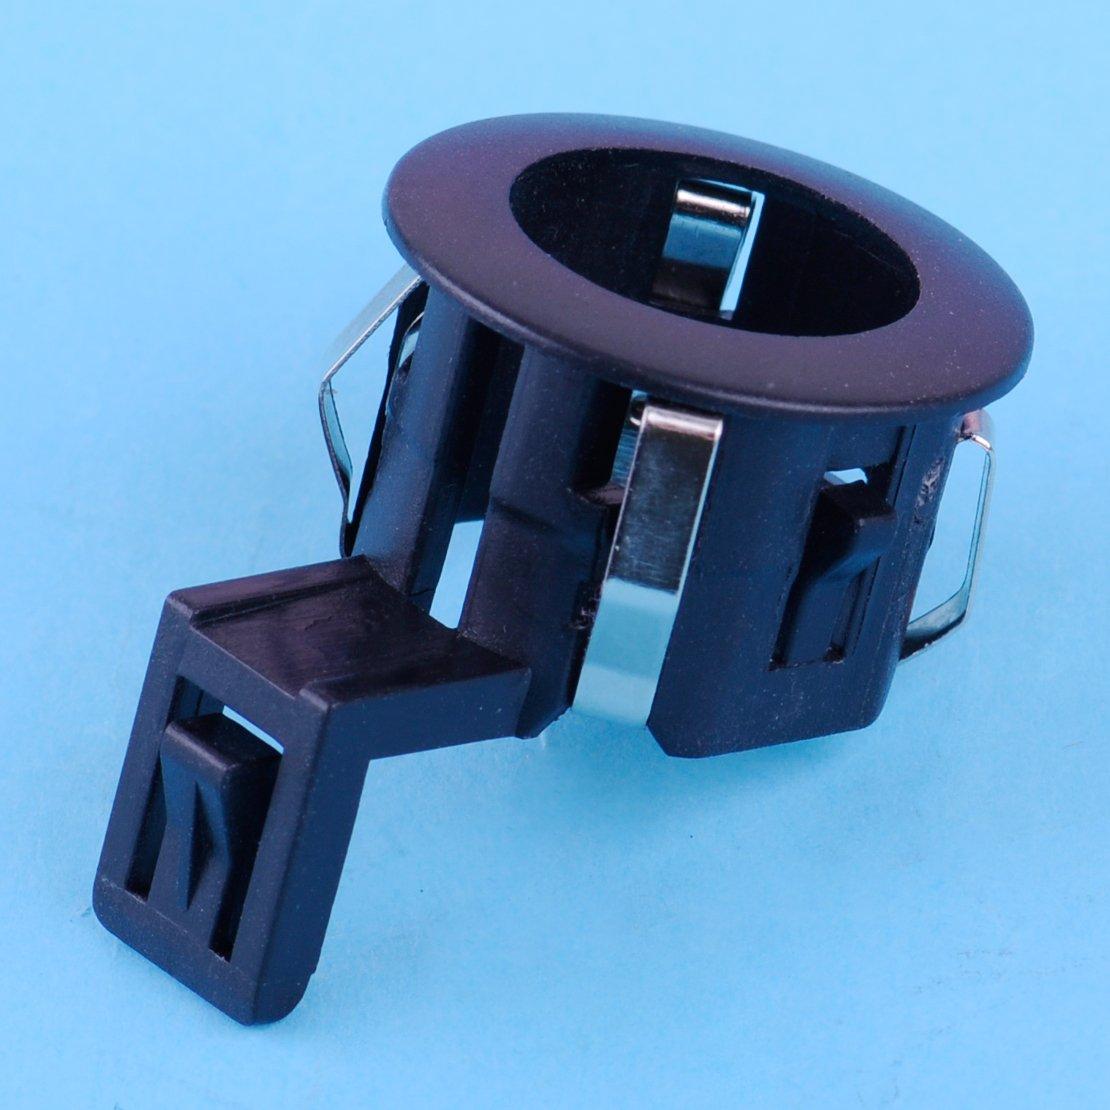 beler PDC Ultrasonic Parking Sensor Retainer Holder Fit For Toyota Tundra 89348-34010